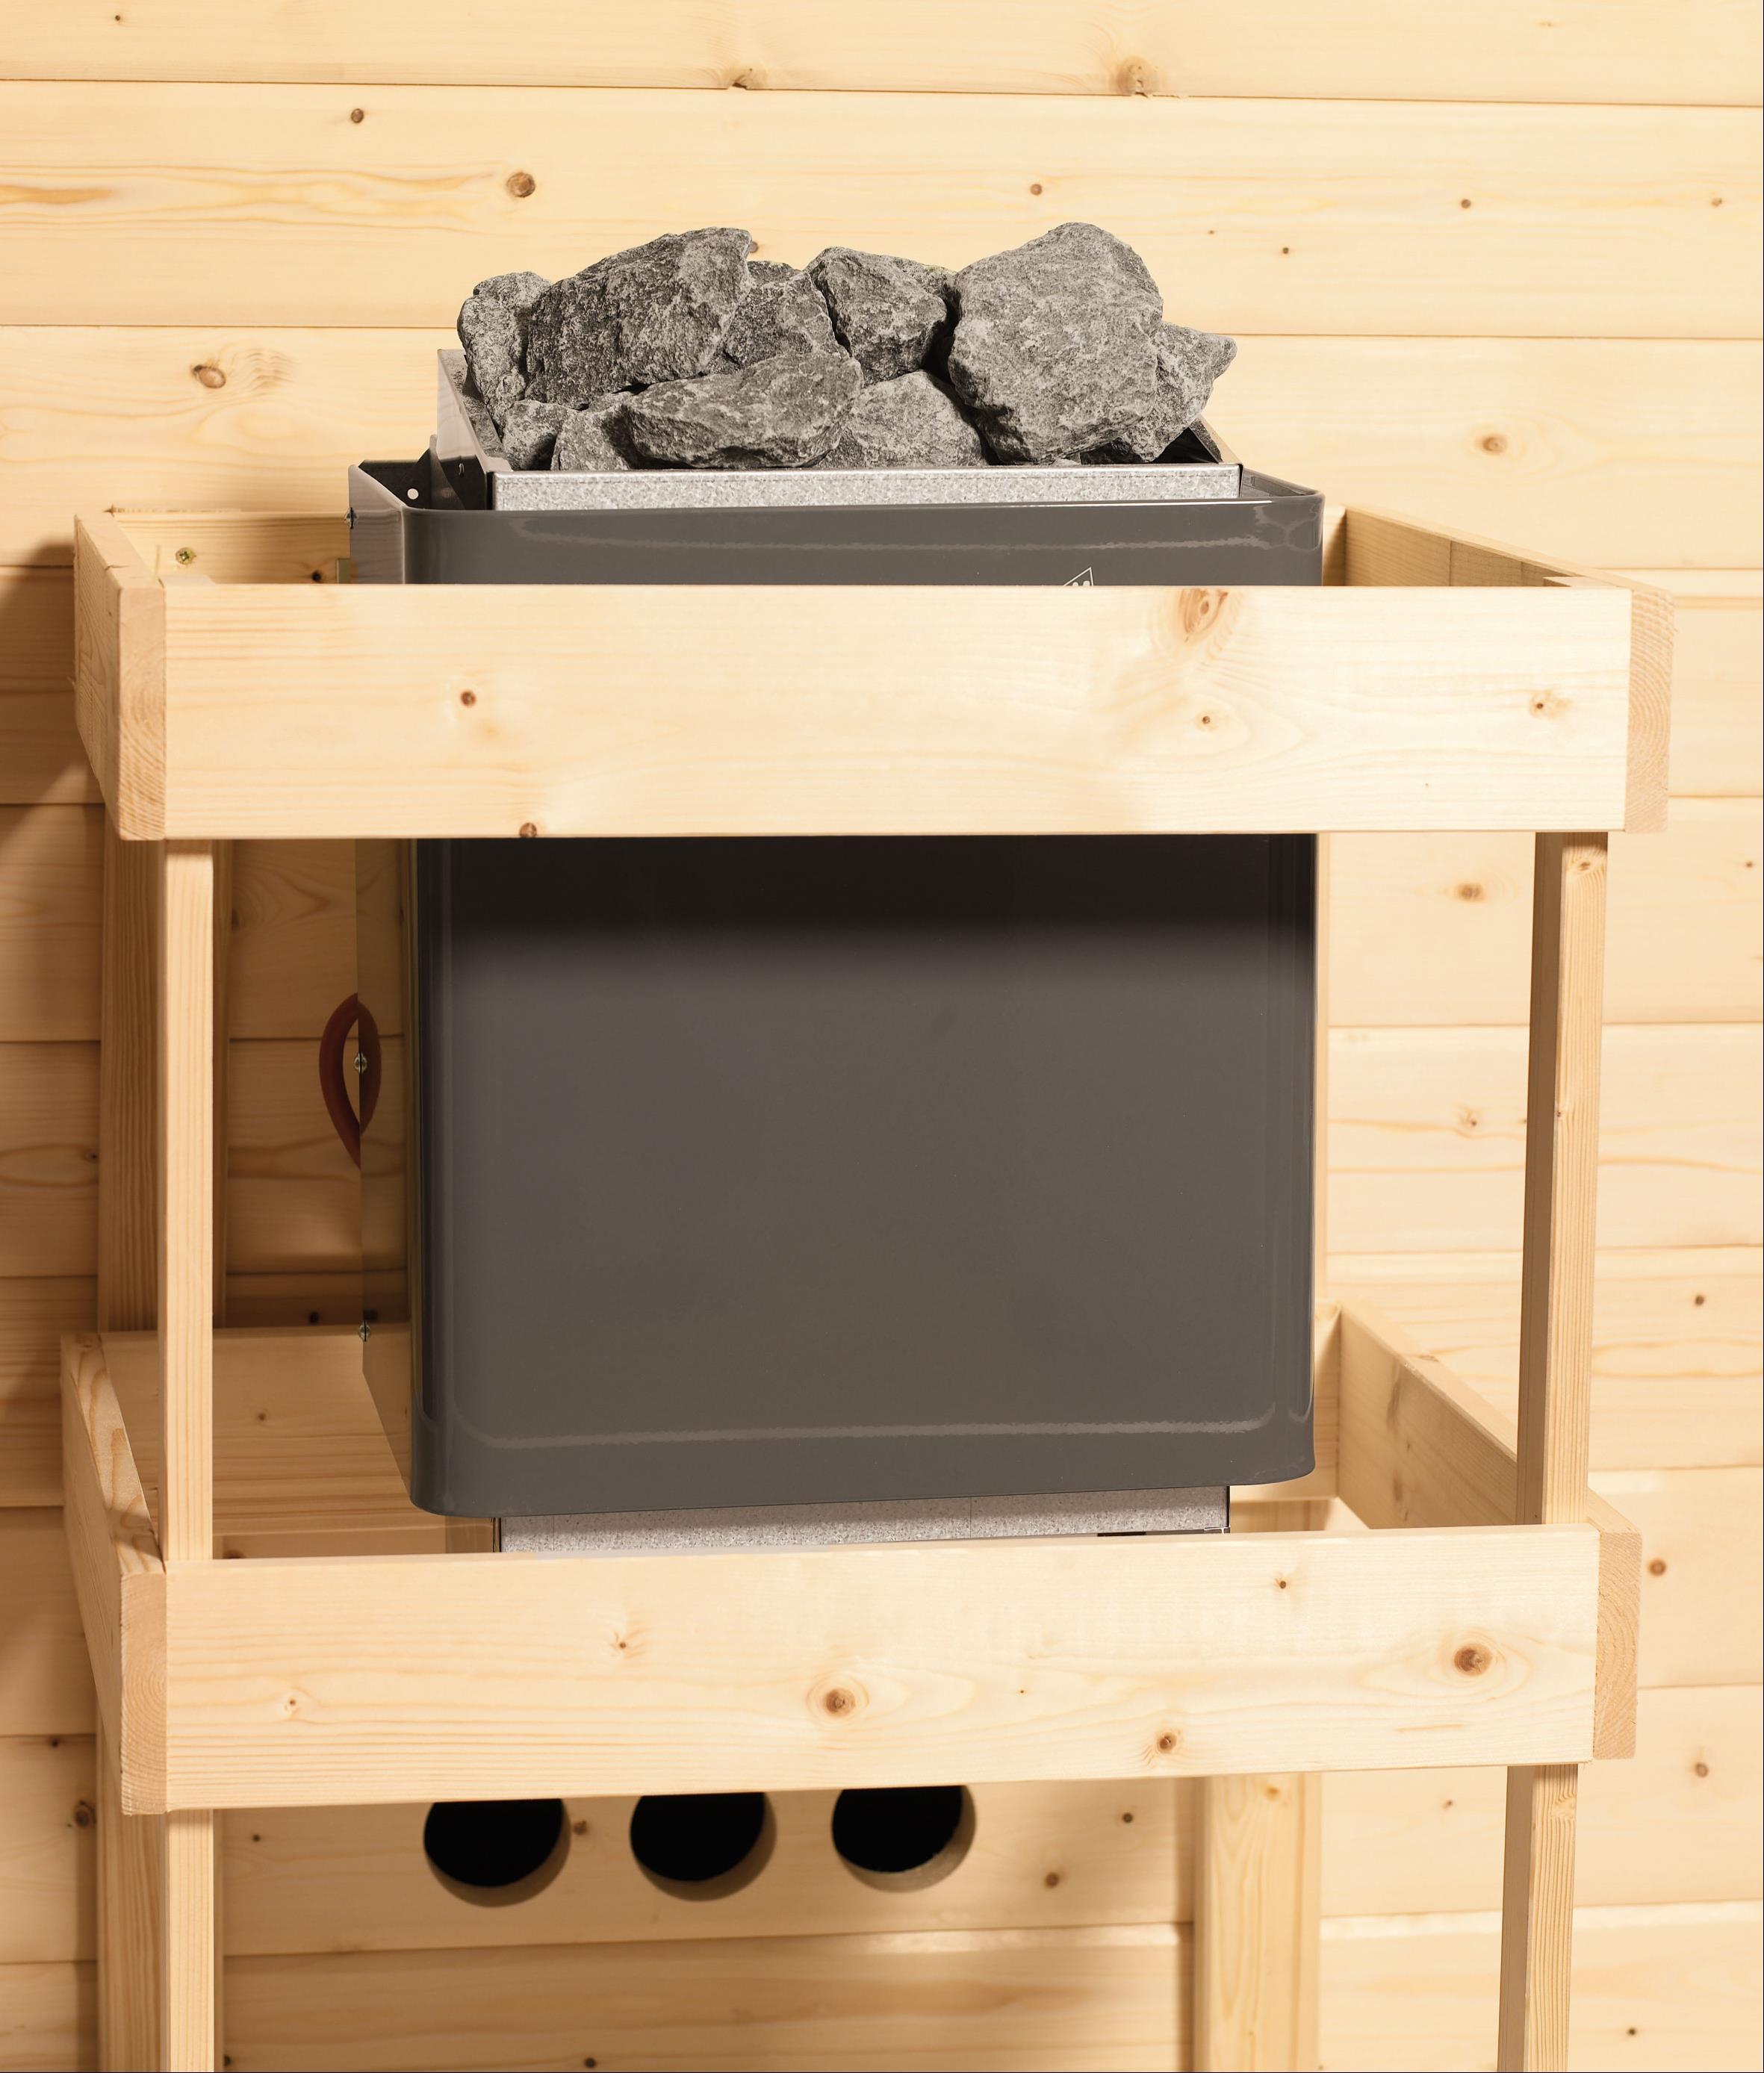 Gartensauna WoodFeeling Saunahaus Birka 1 38mm Vorraum Ofen 9kW ext. Bild 8